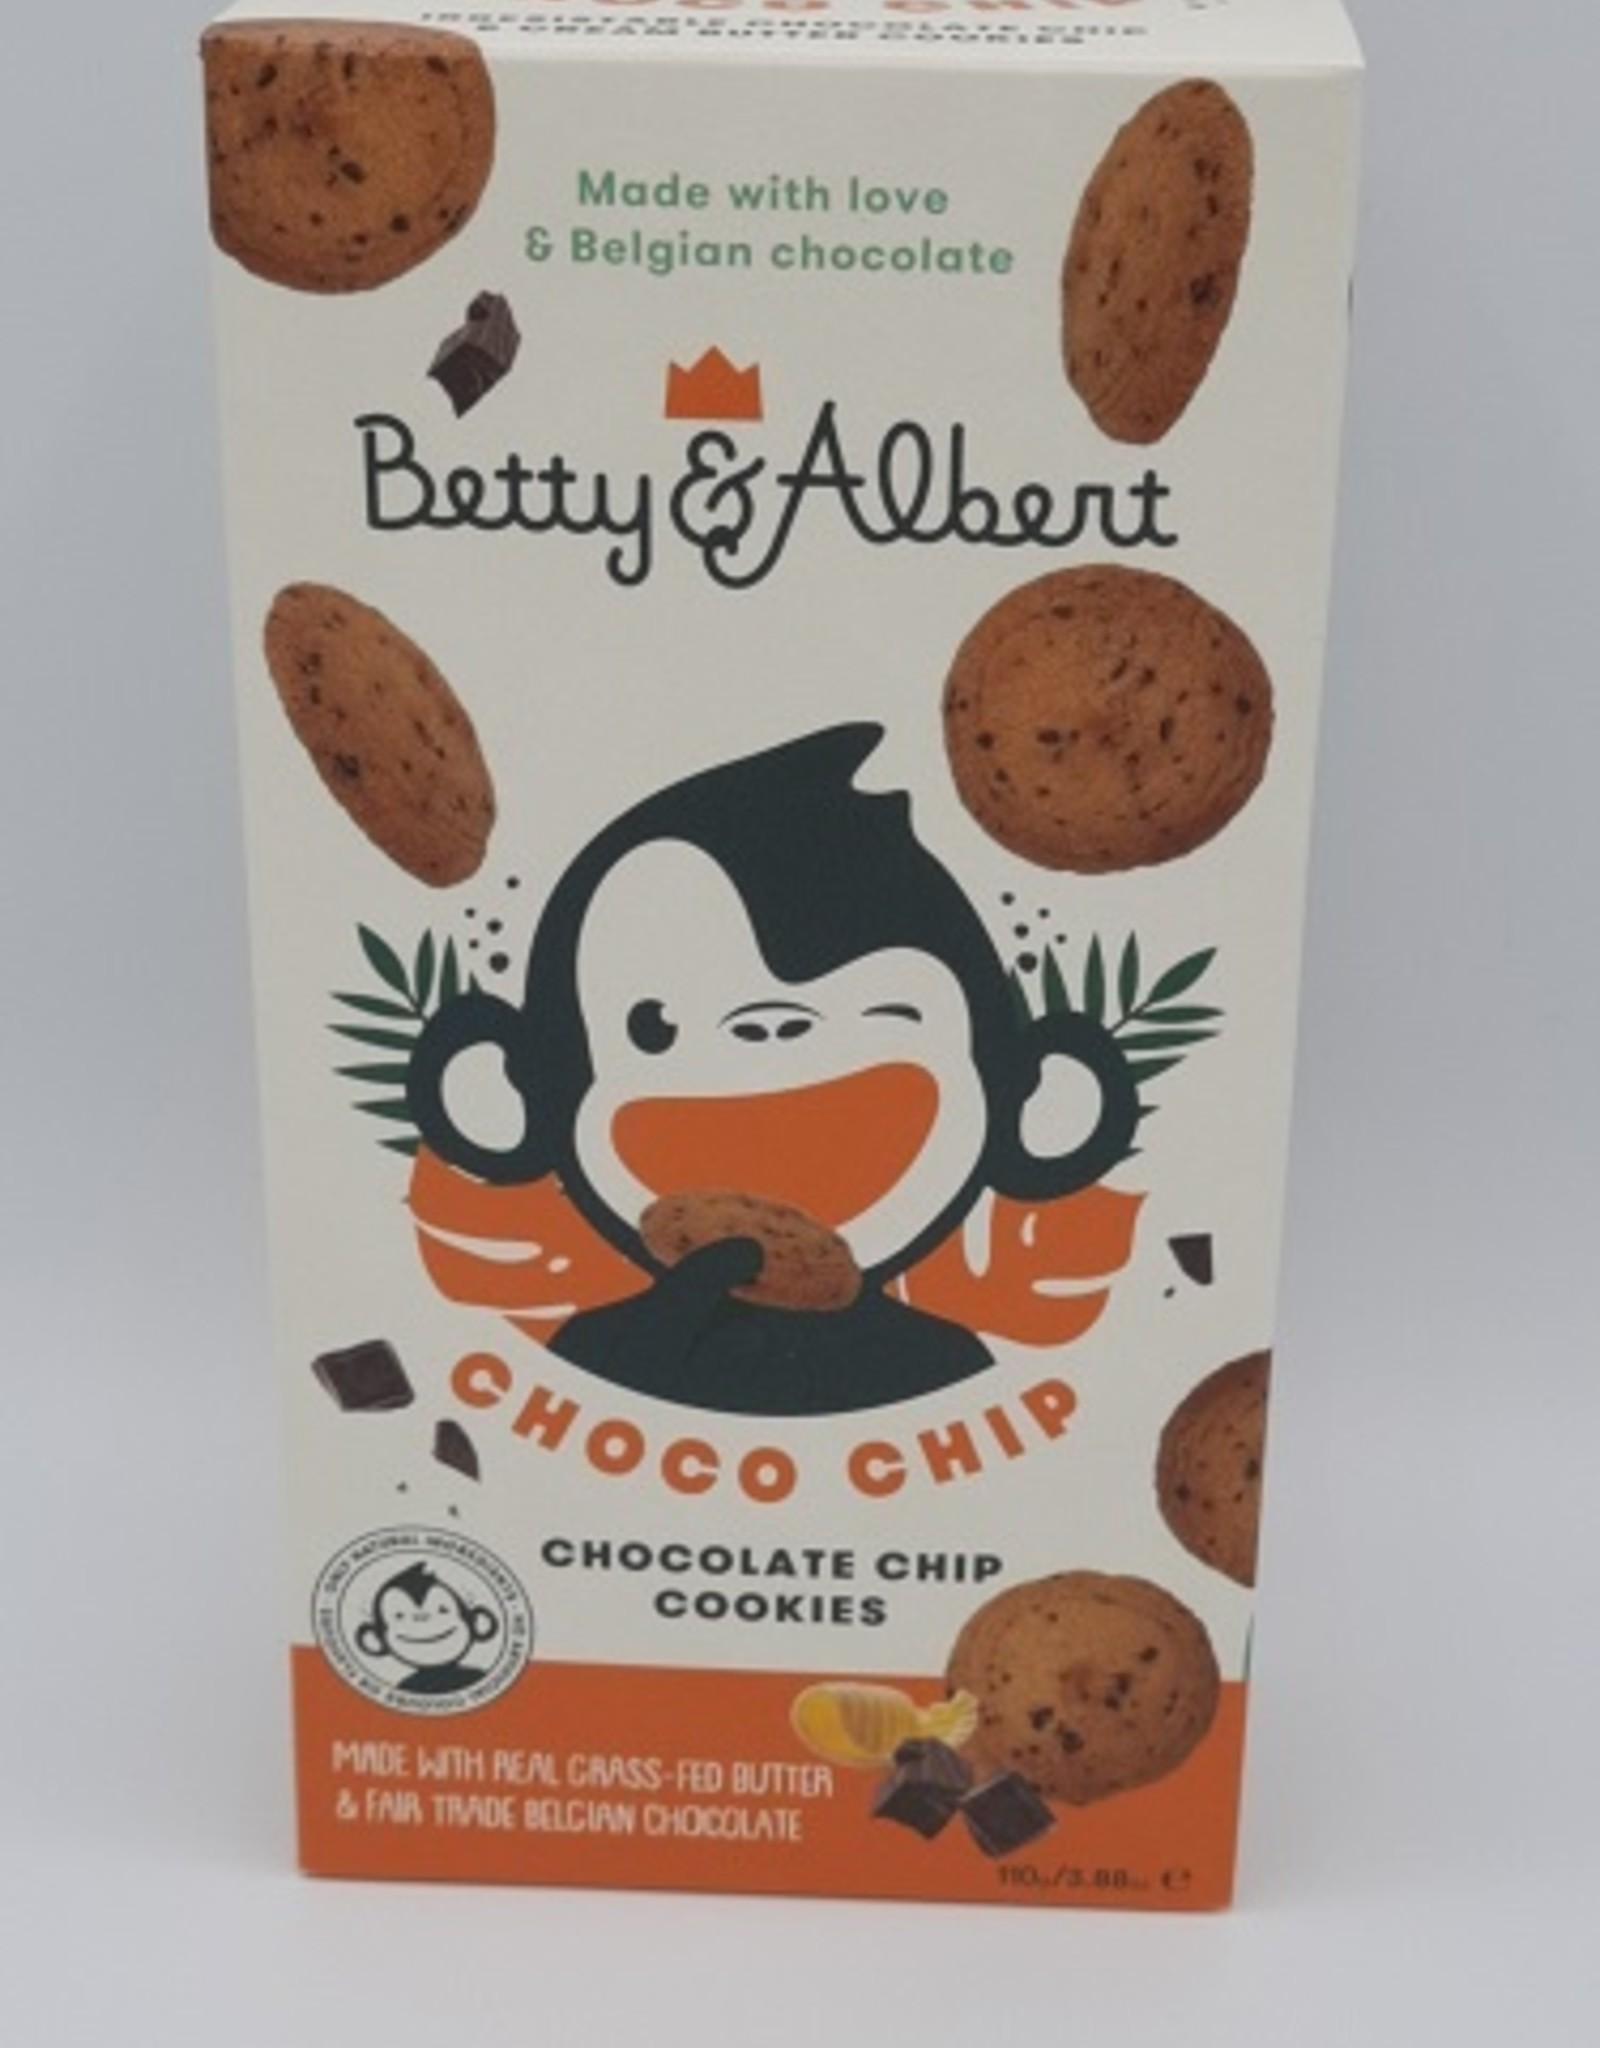 Betty & Albert Choco chip cookies Betty & Albert